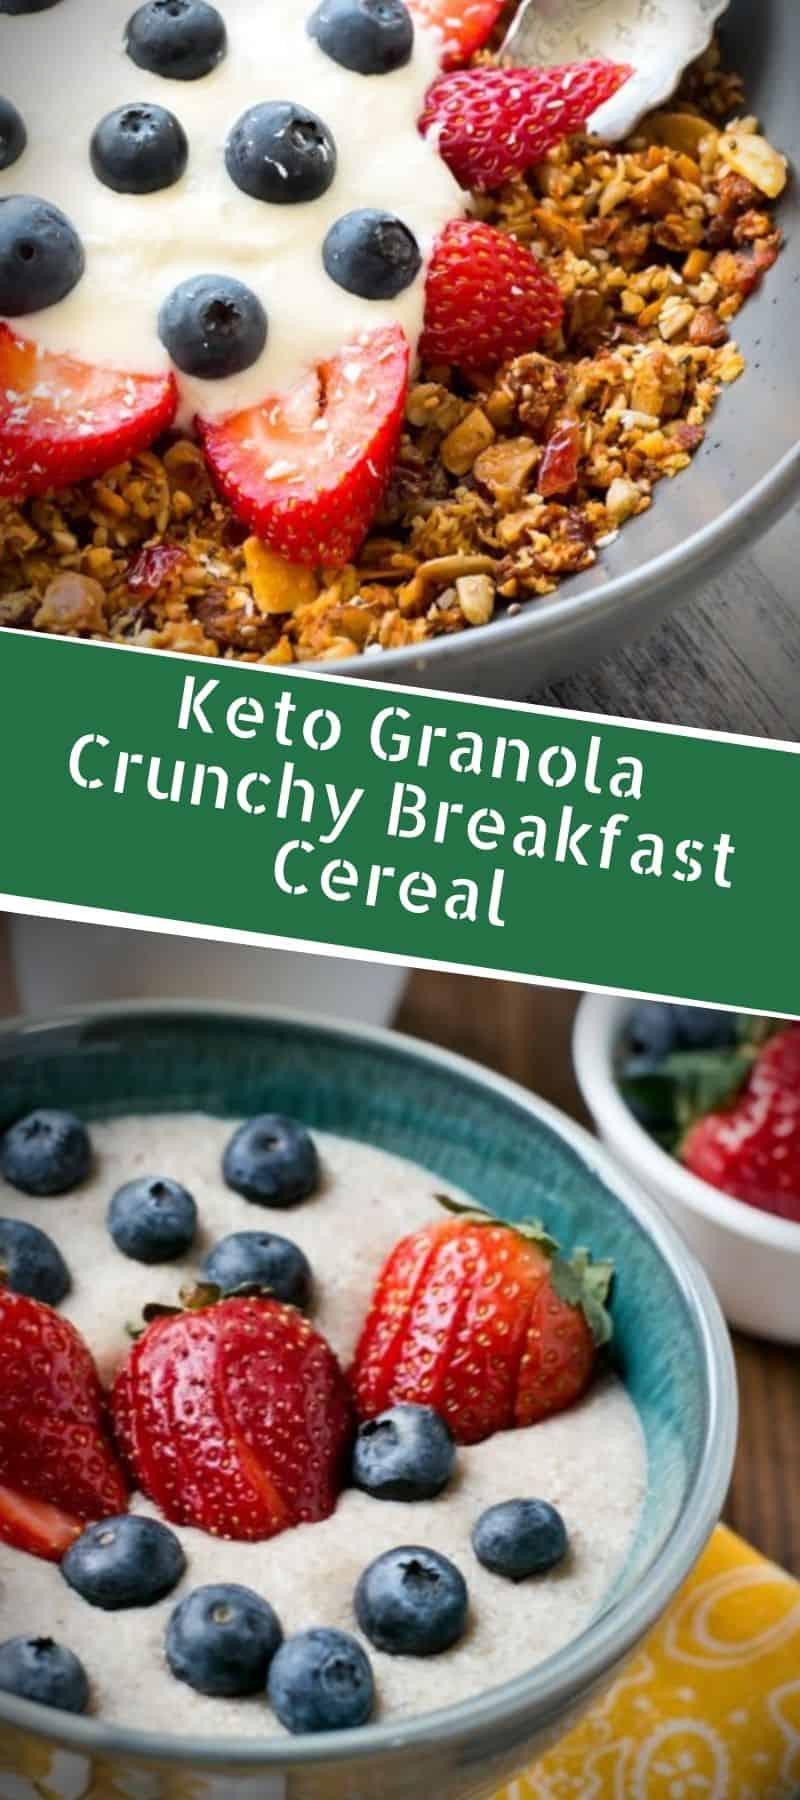 Keto Granola Crunchy Breakfast Cereal 3